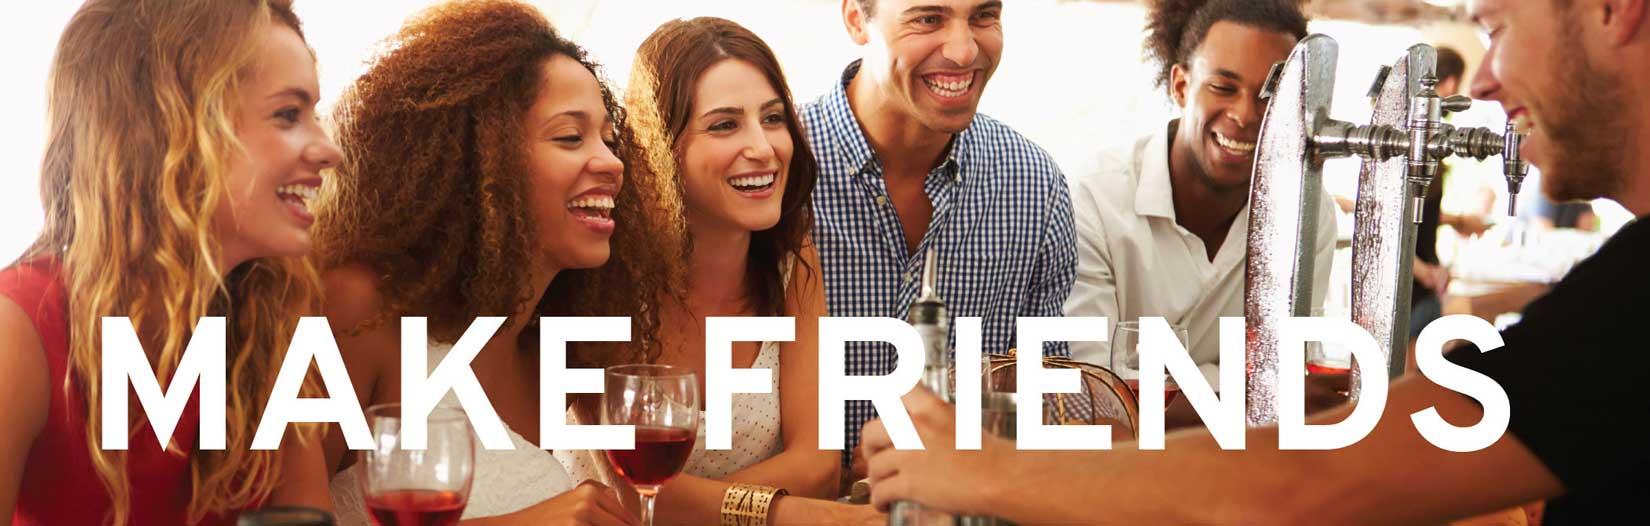 make-friends-opt